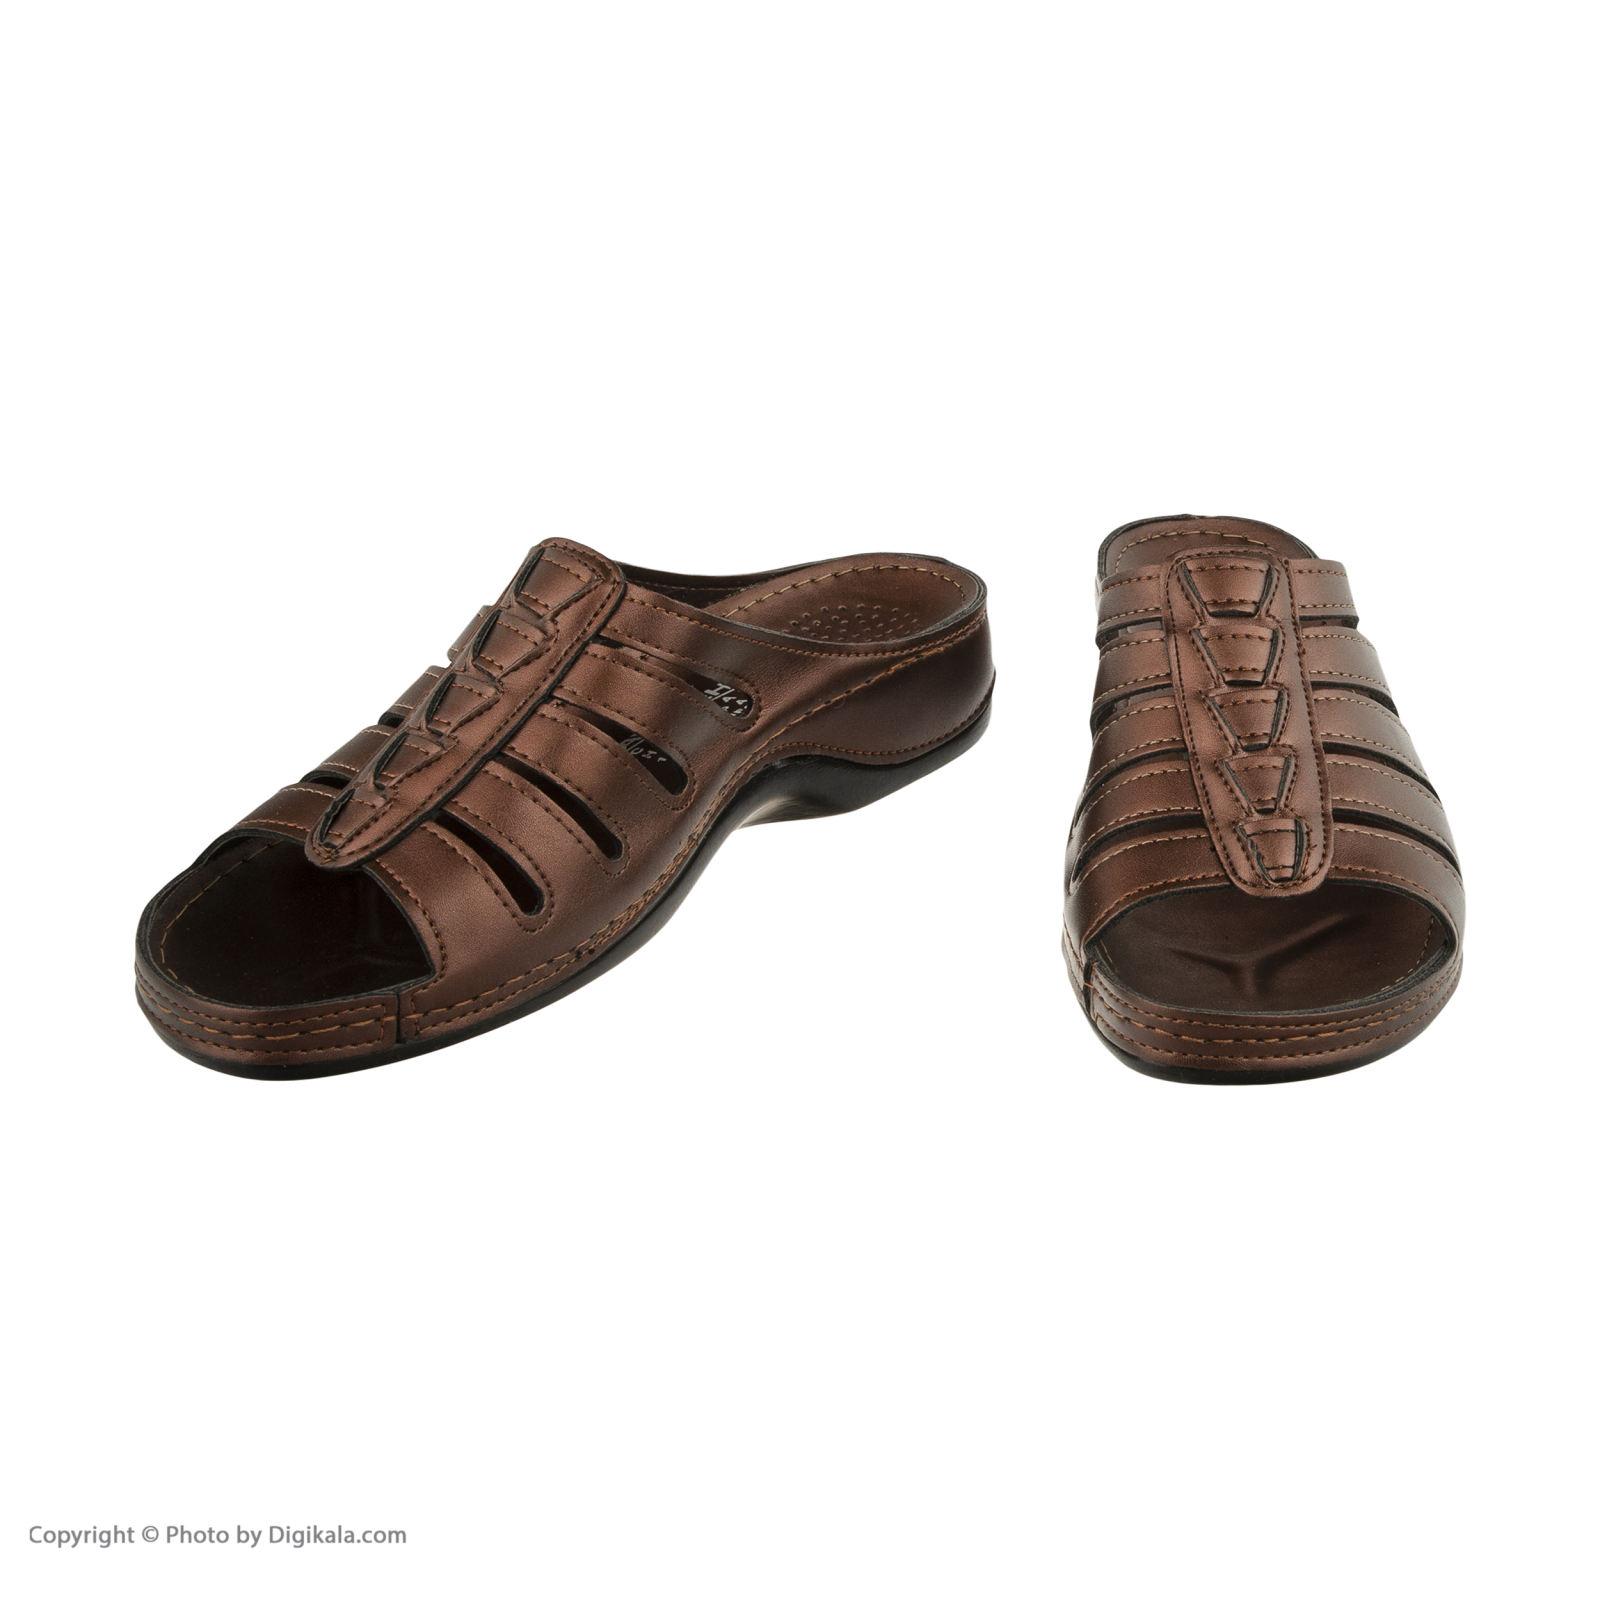 دمپایی زنانه کفش آویده کد av-0304212 رنگ مسی -  - 7